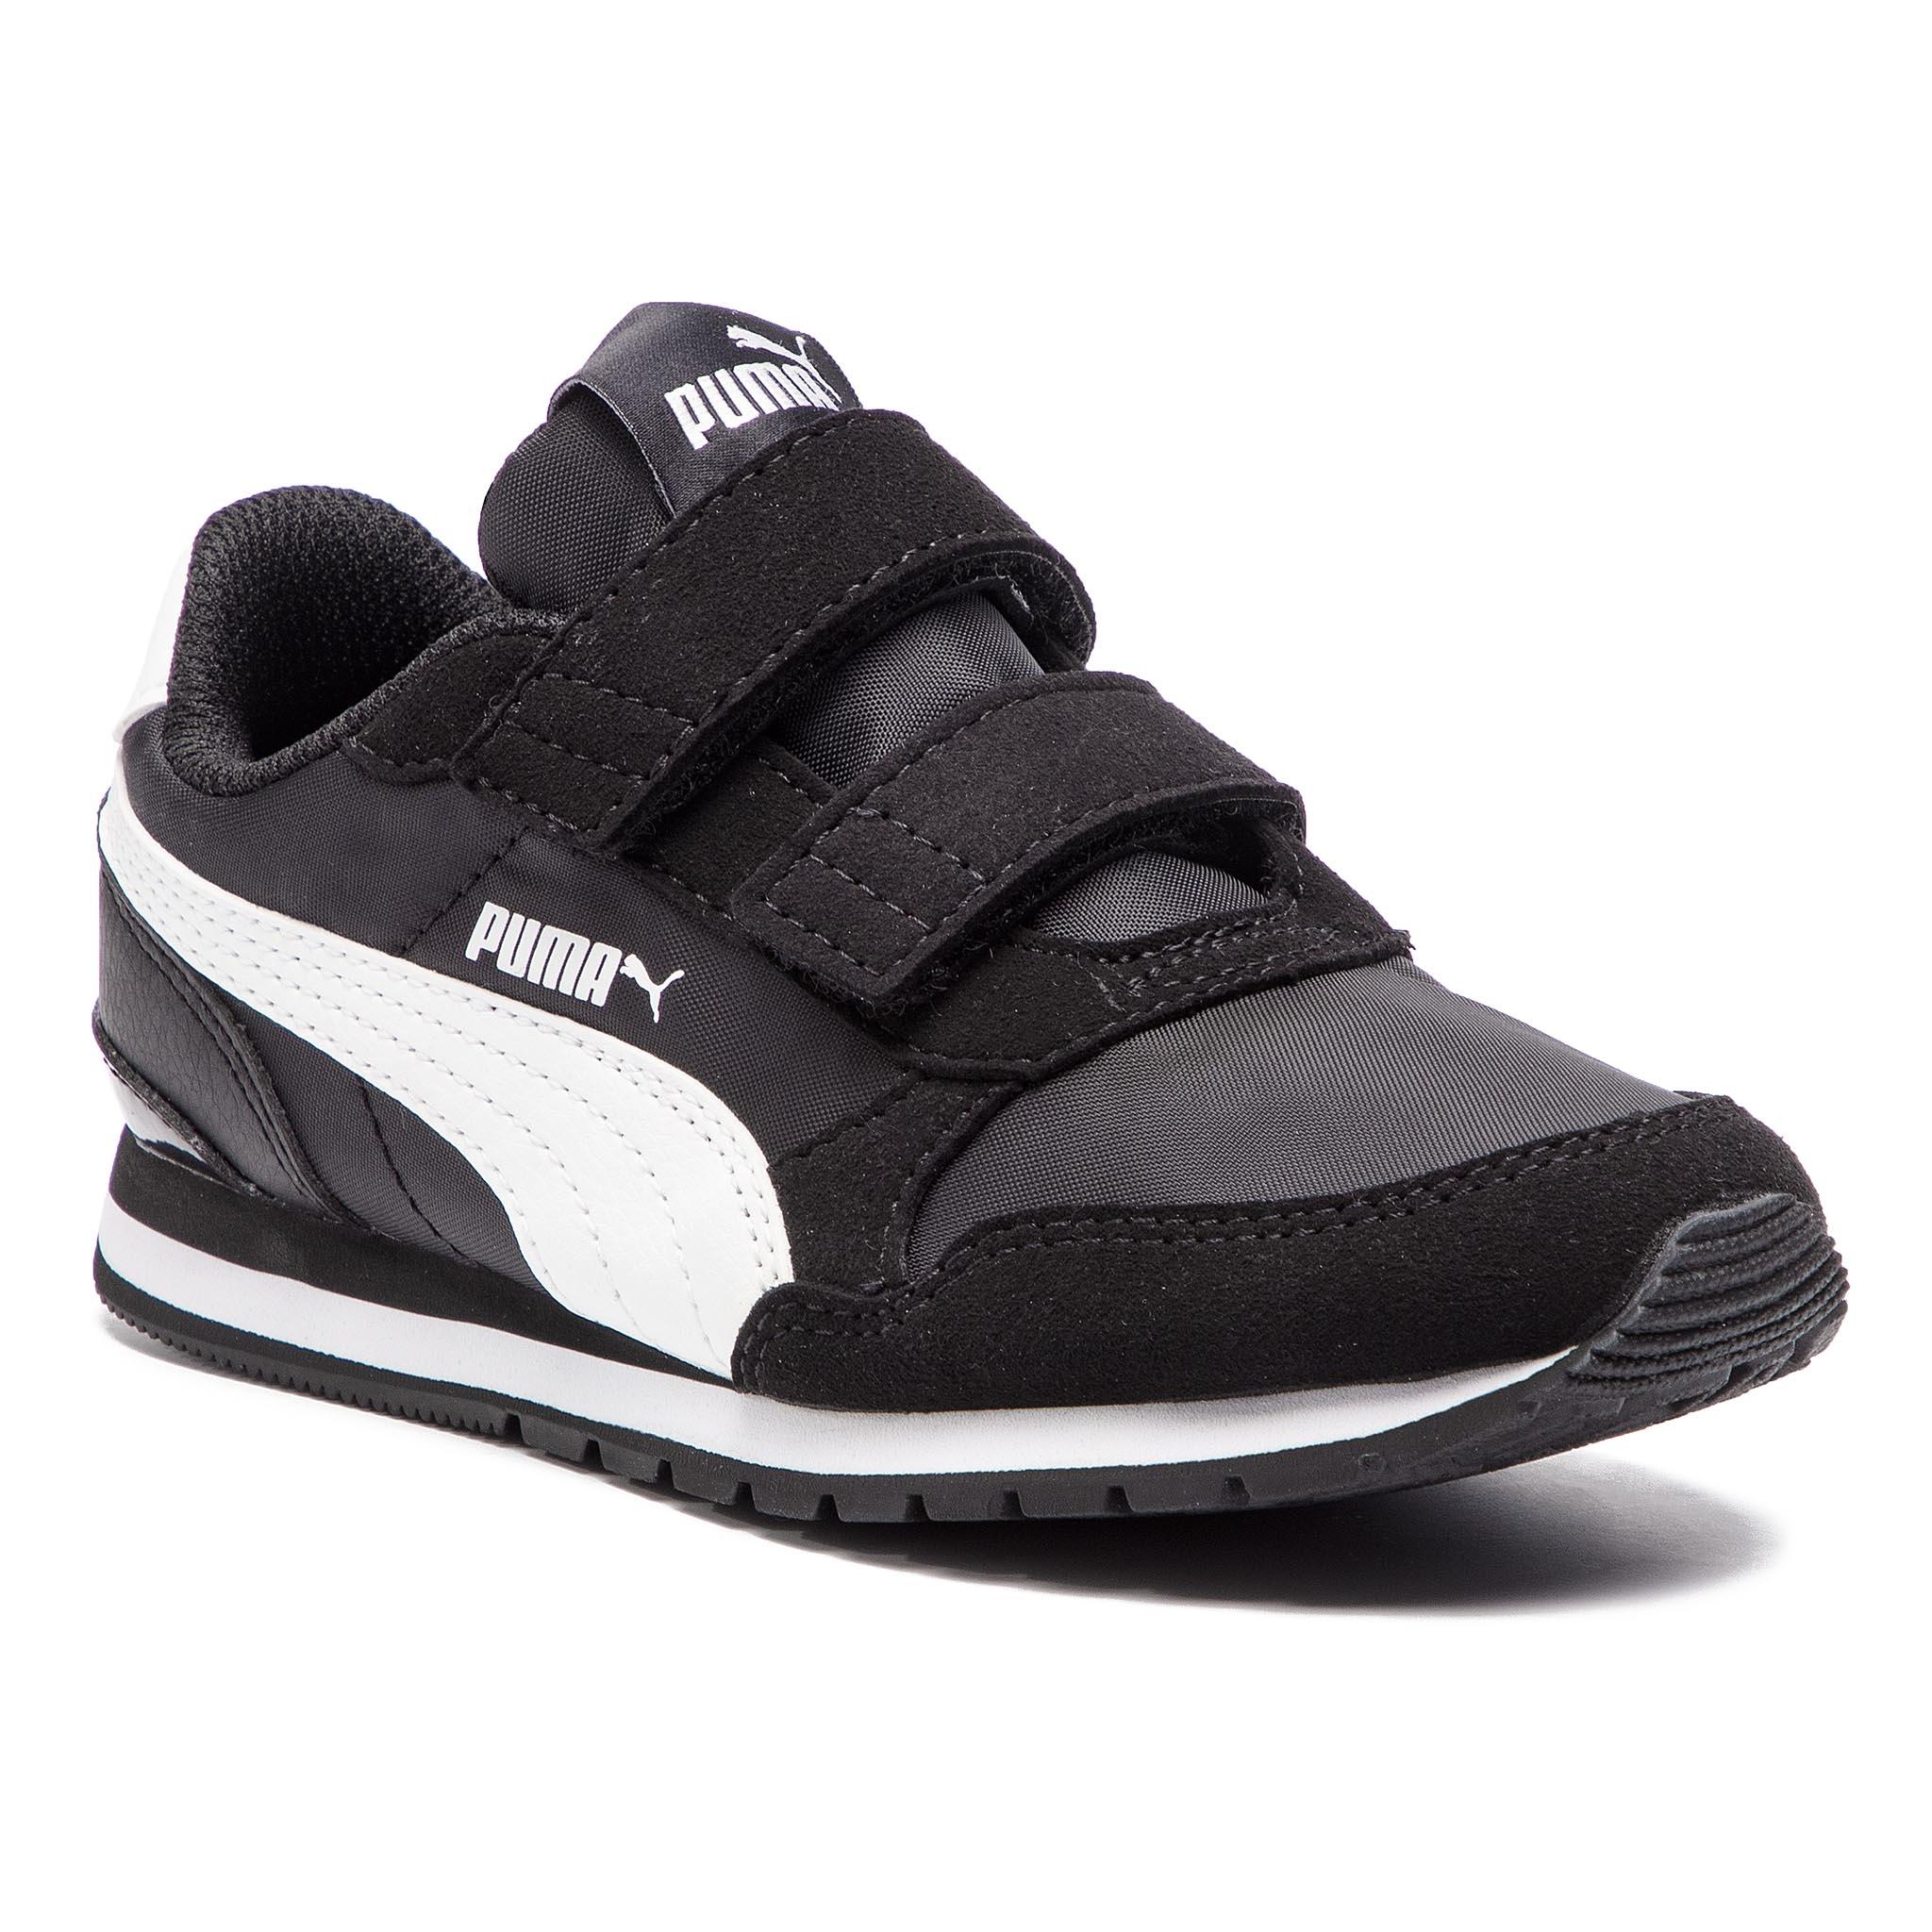 87ddada70454 Sneakers PUMA - Suede Hrt Trailblazer Sqn Jr 368953 02 Puma Black ...